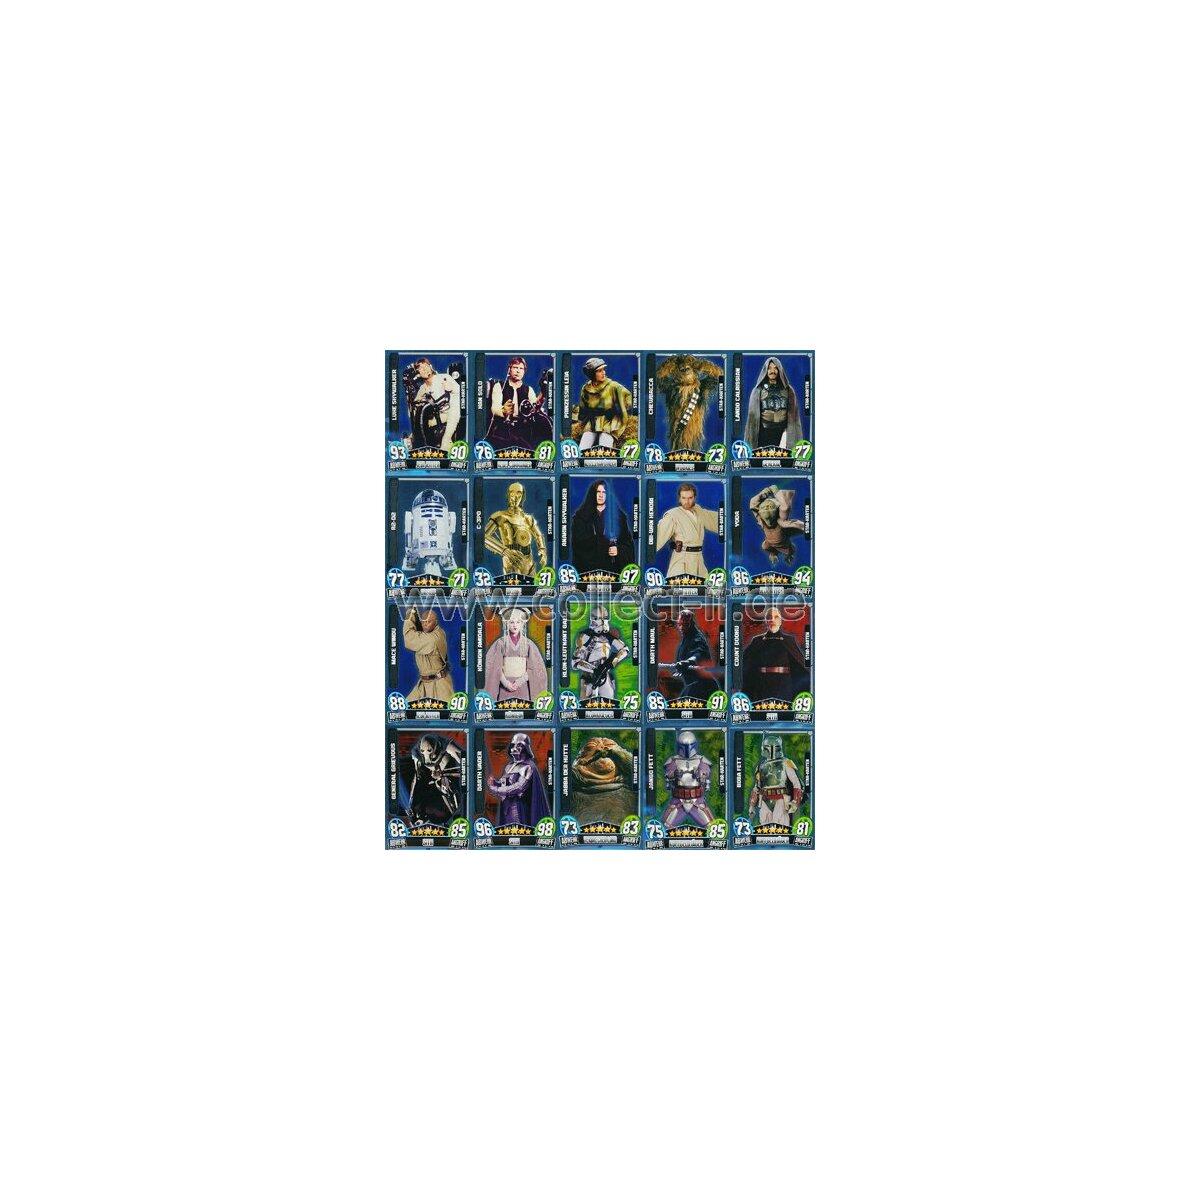 Star Wars Karten Spielregeln